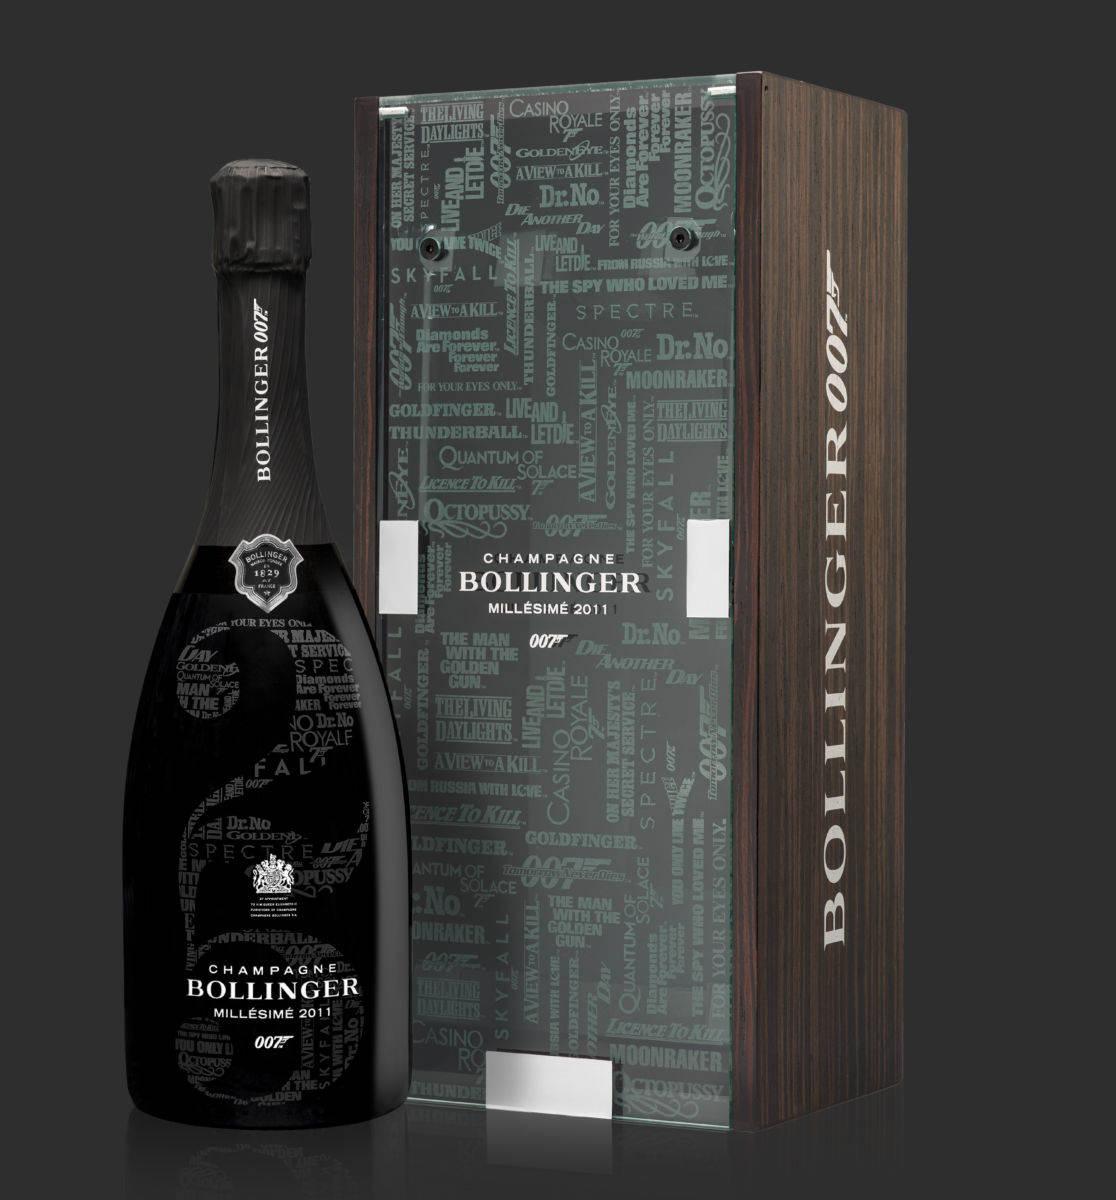 Coffret 007 et bouteille à côté fond gris